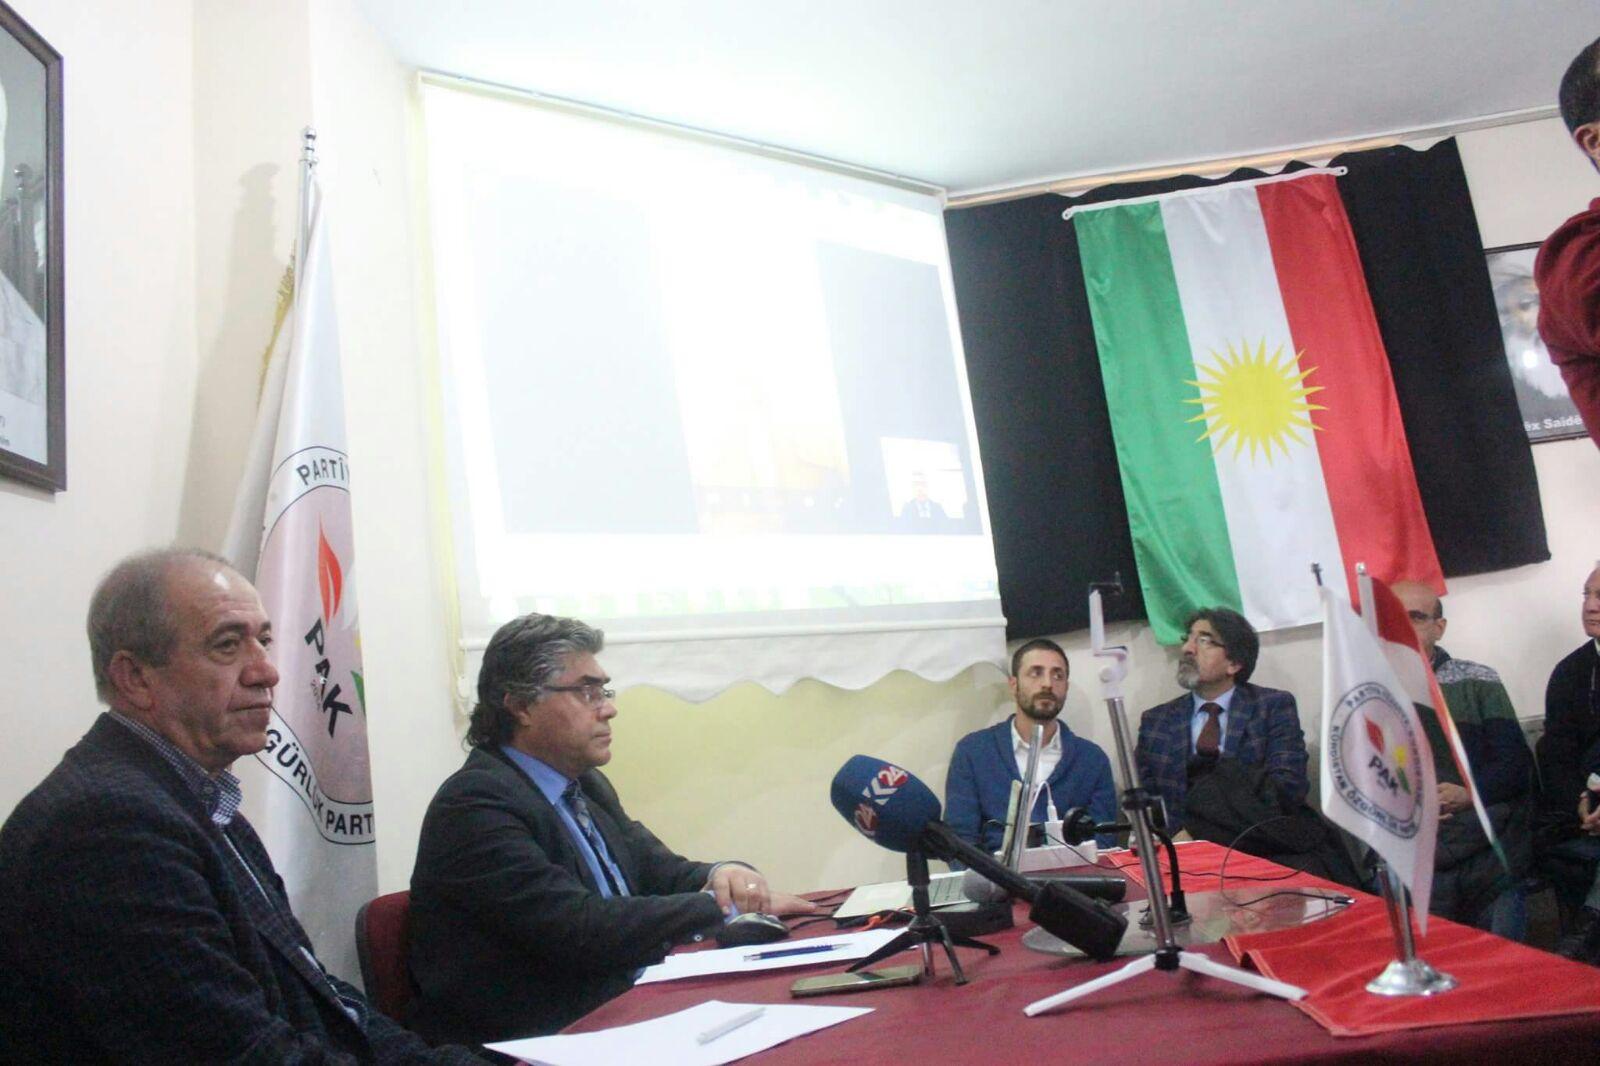 """Özçelik: """"Divê Alternatîfa Me 'Bloka Kurdî' Be!''"""